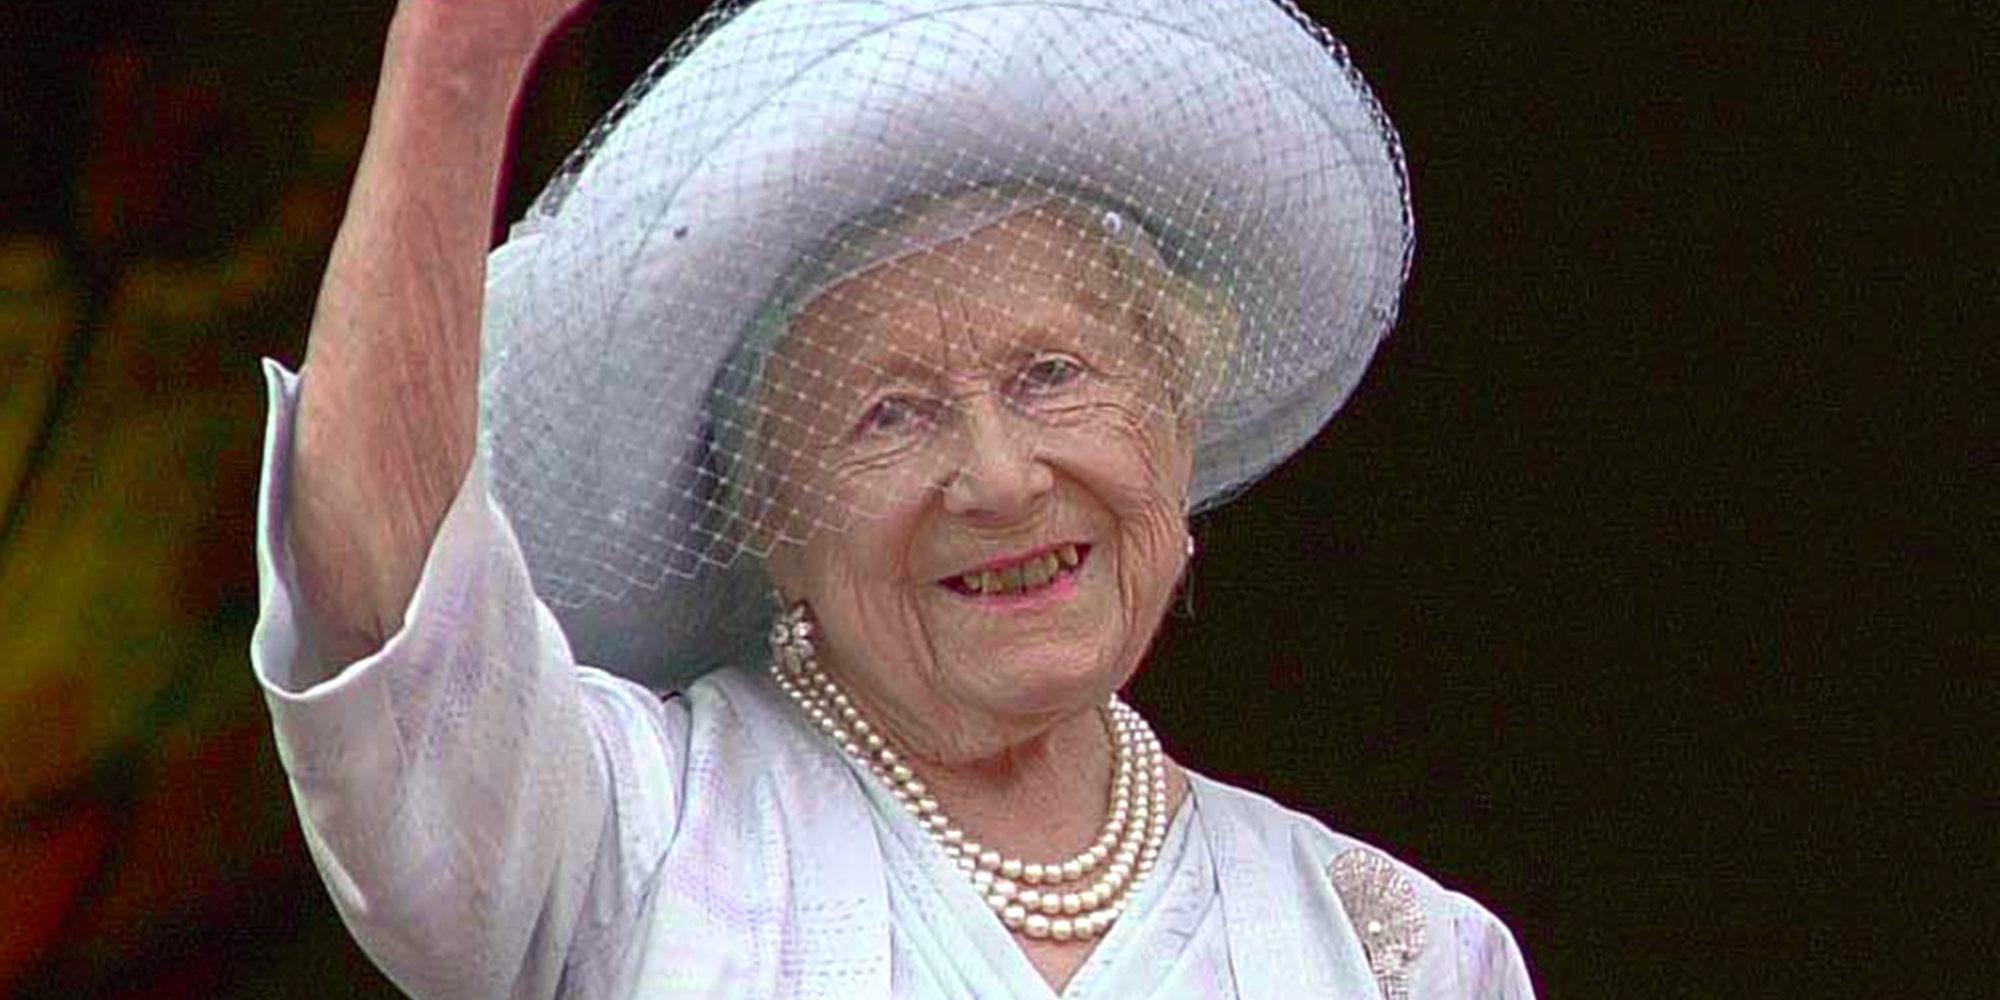 La Reina Madre de Inglaterra: el recuerdo de una longeva vida llena de dramas y comedias